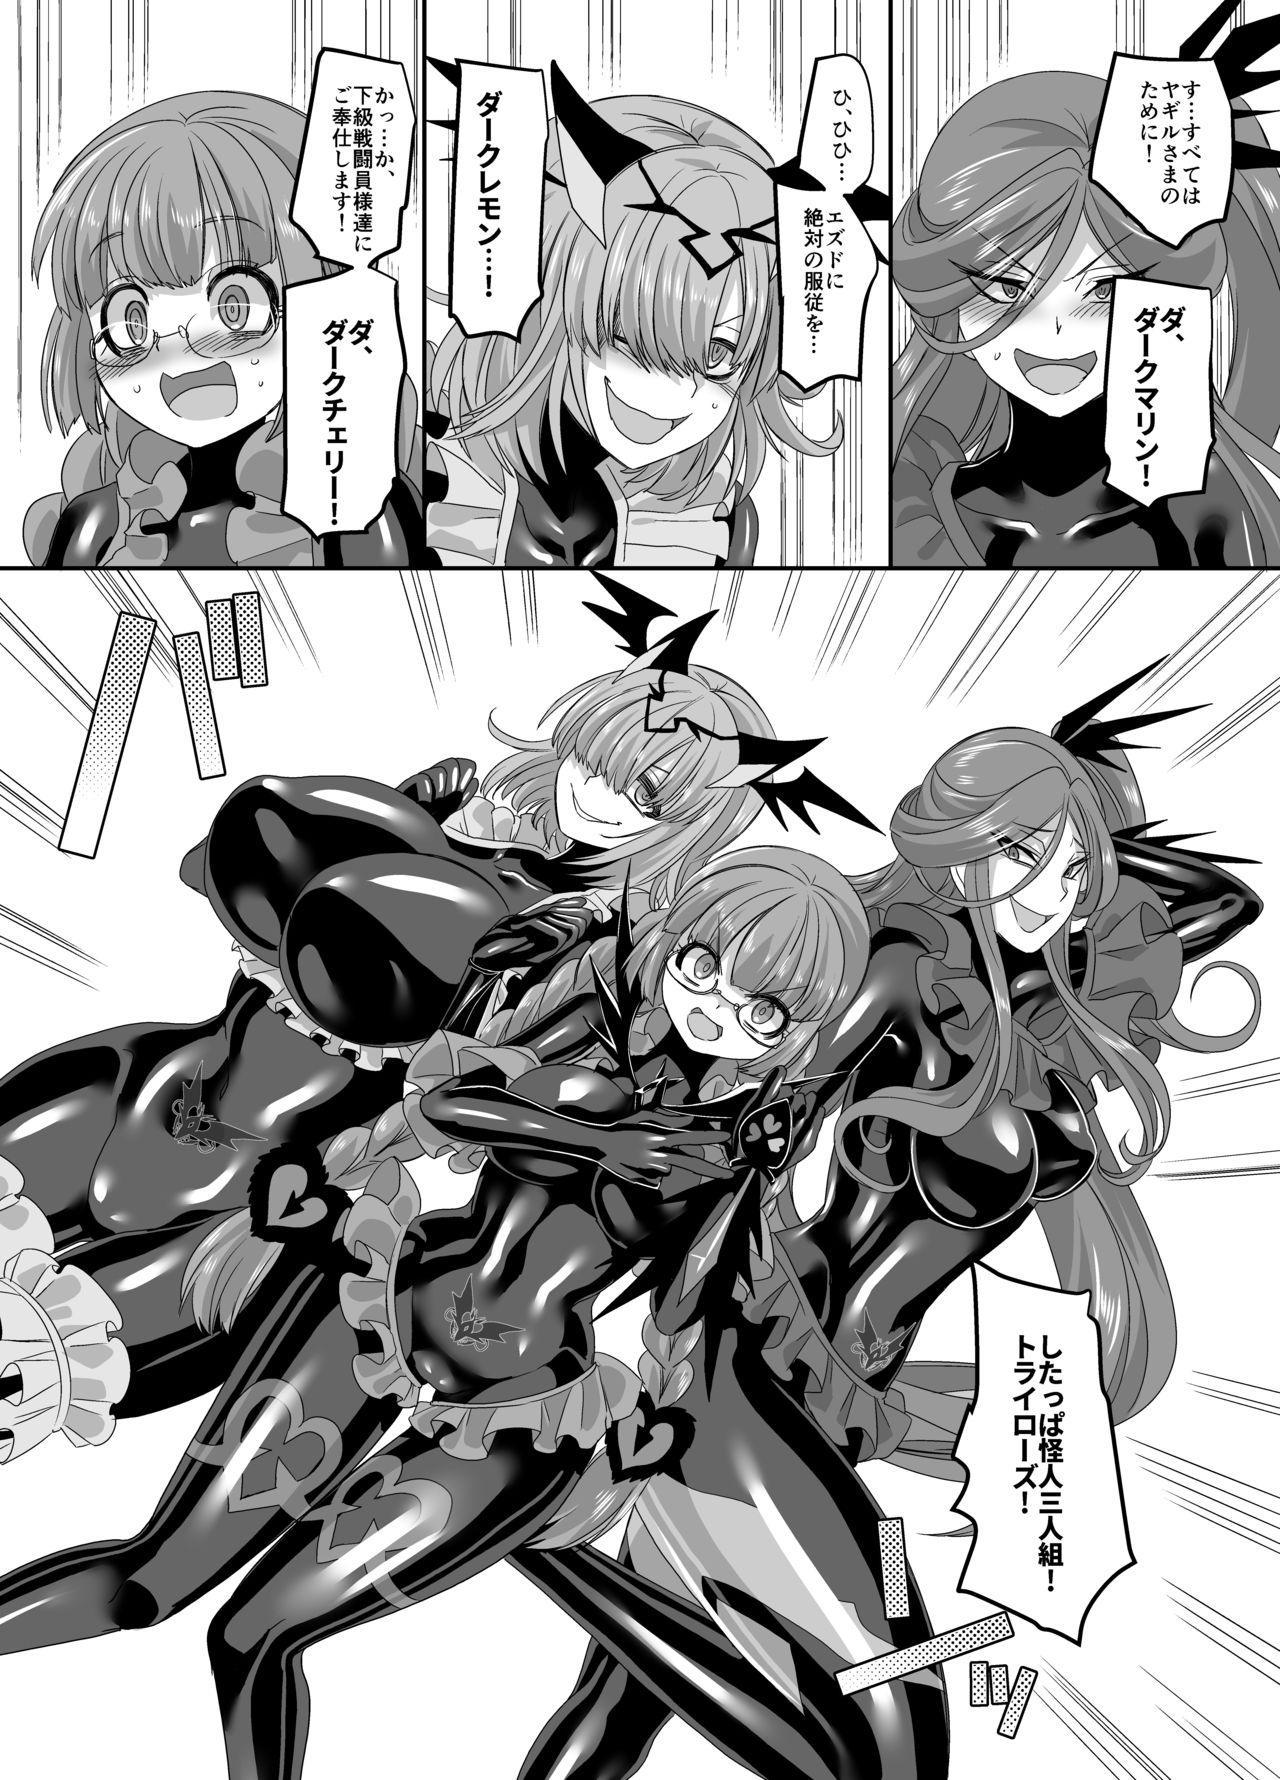 Saikyou no Seigi no Hero wa Kagami no Naka dewa Saijaku no Kaijin 16